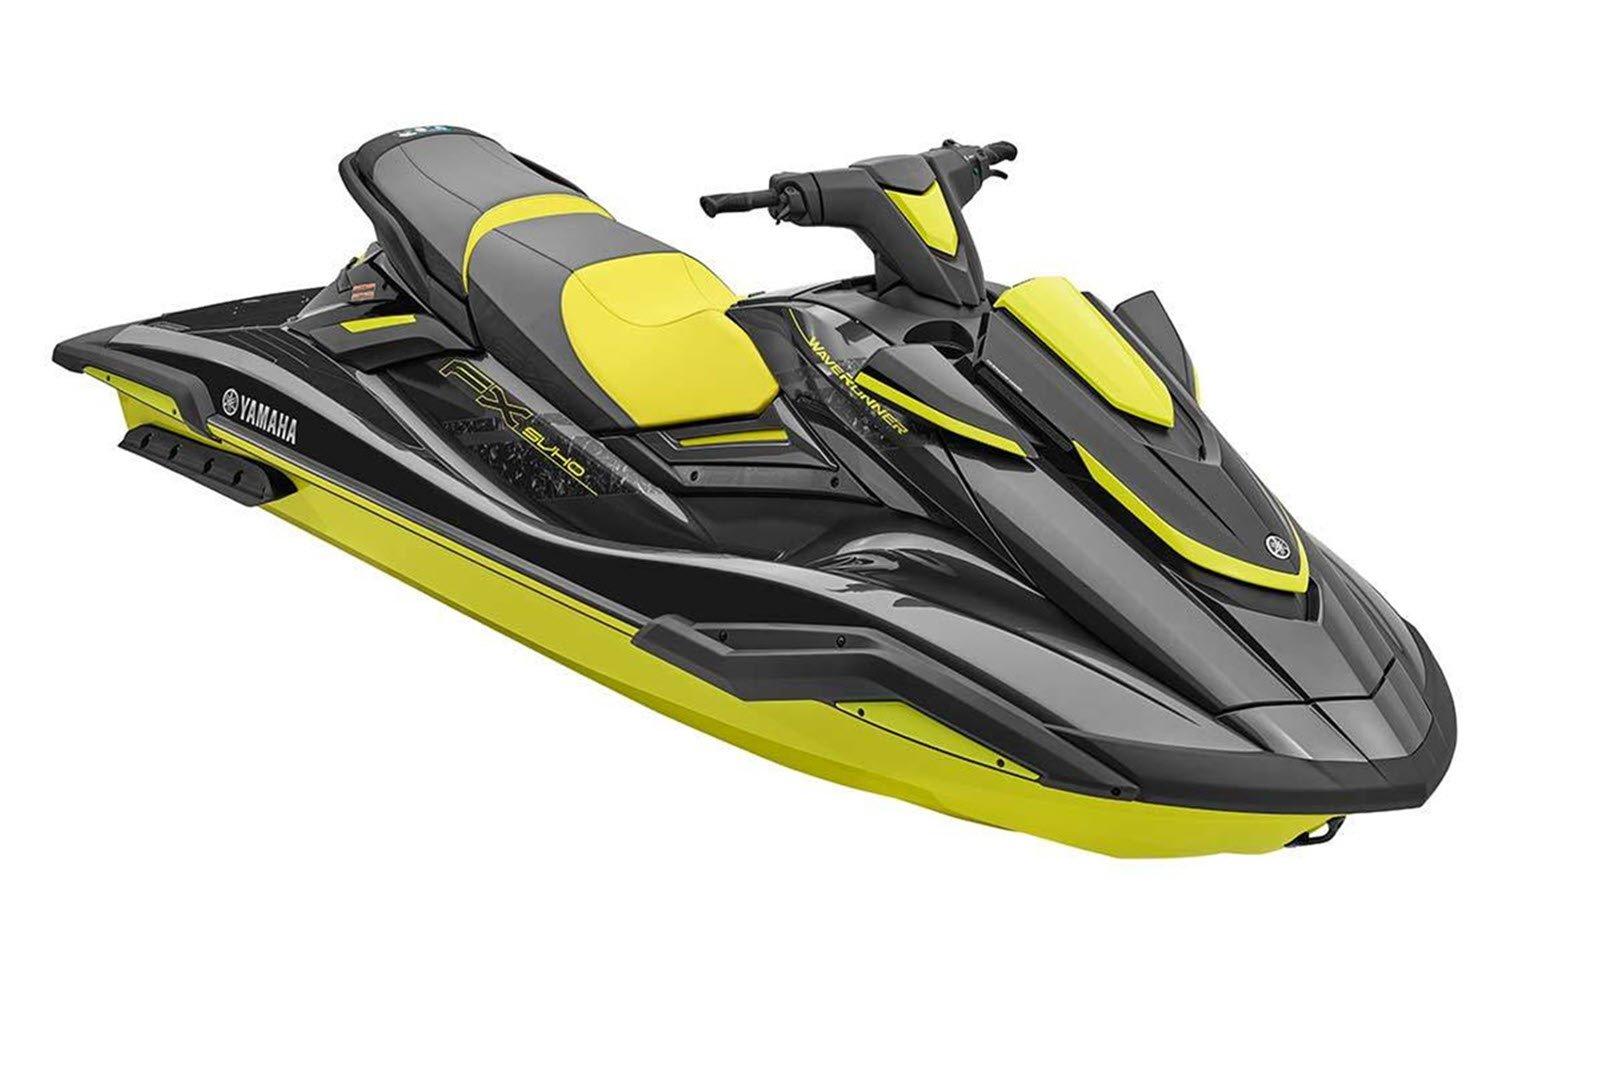 Yamaha-Waverunner-FX-SVHO-2021-Large